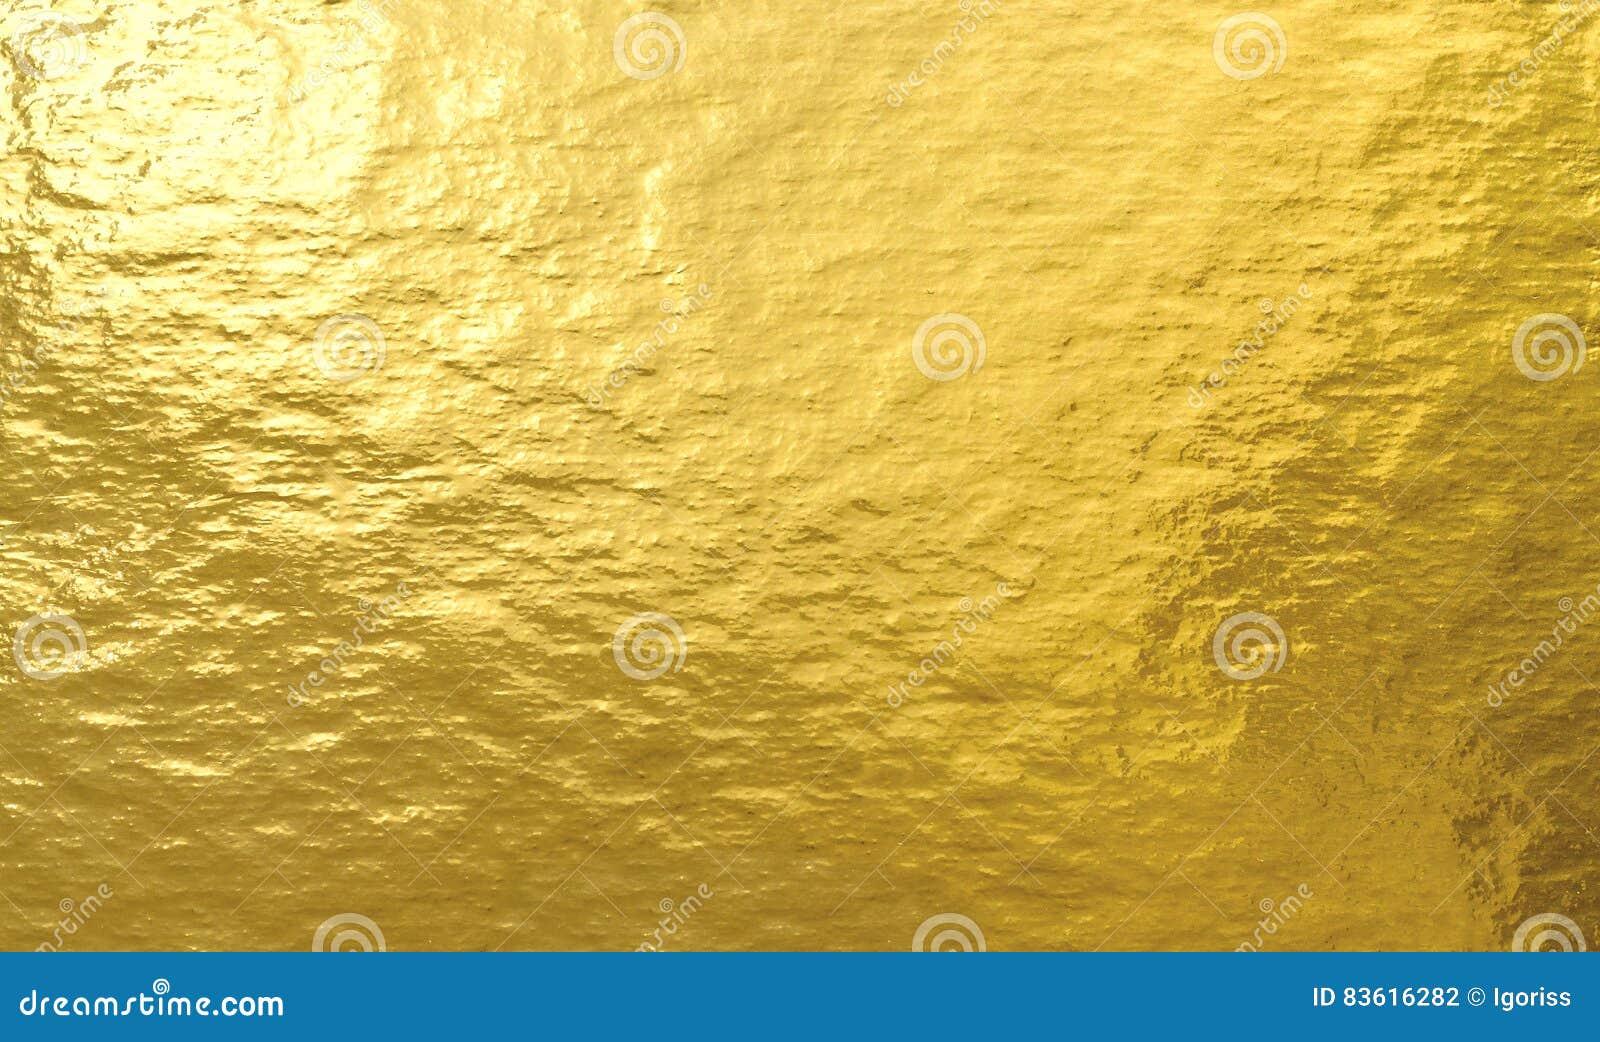 Texturbakgrund för guld- folie